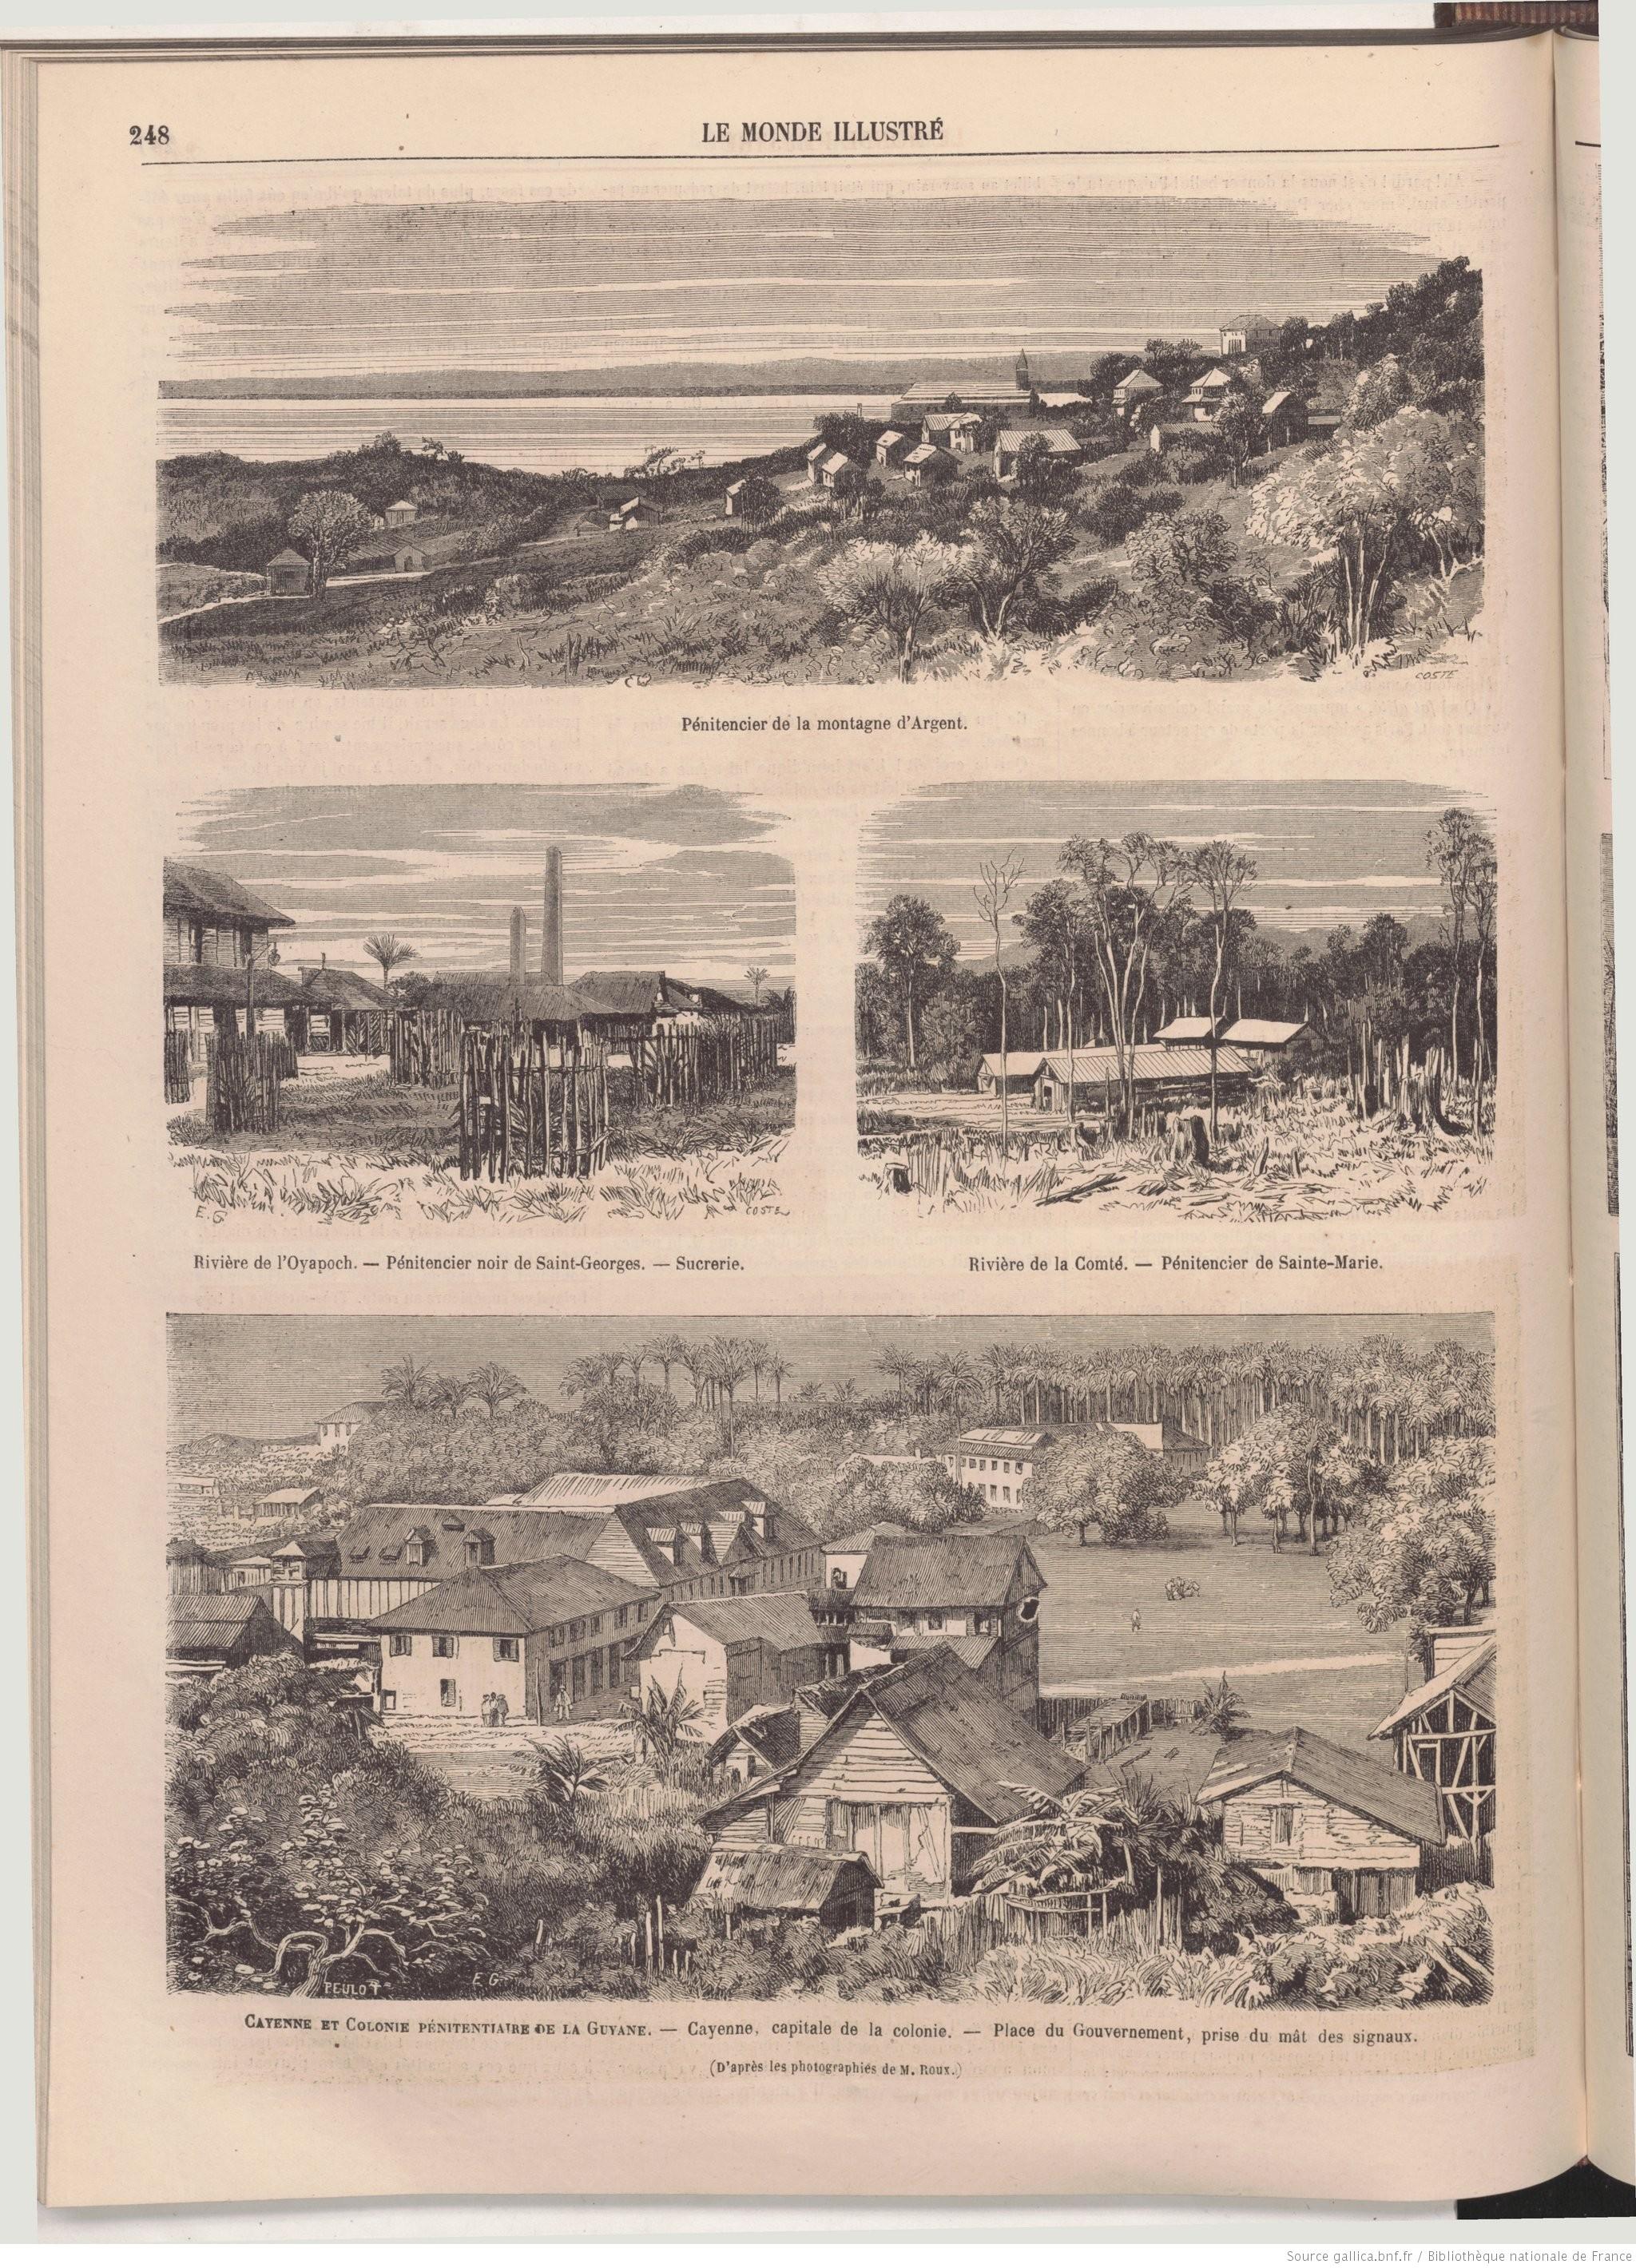 Le bagne, tel que représenté dans Le Monde illustré n° 471 (21 avril 1866).